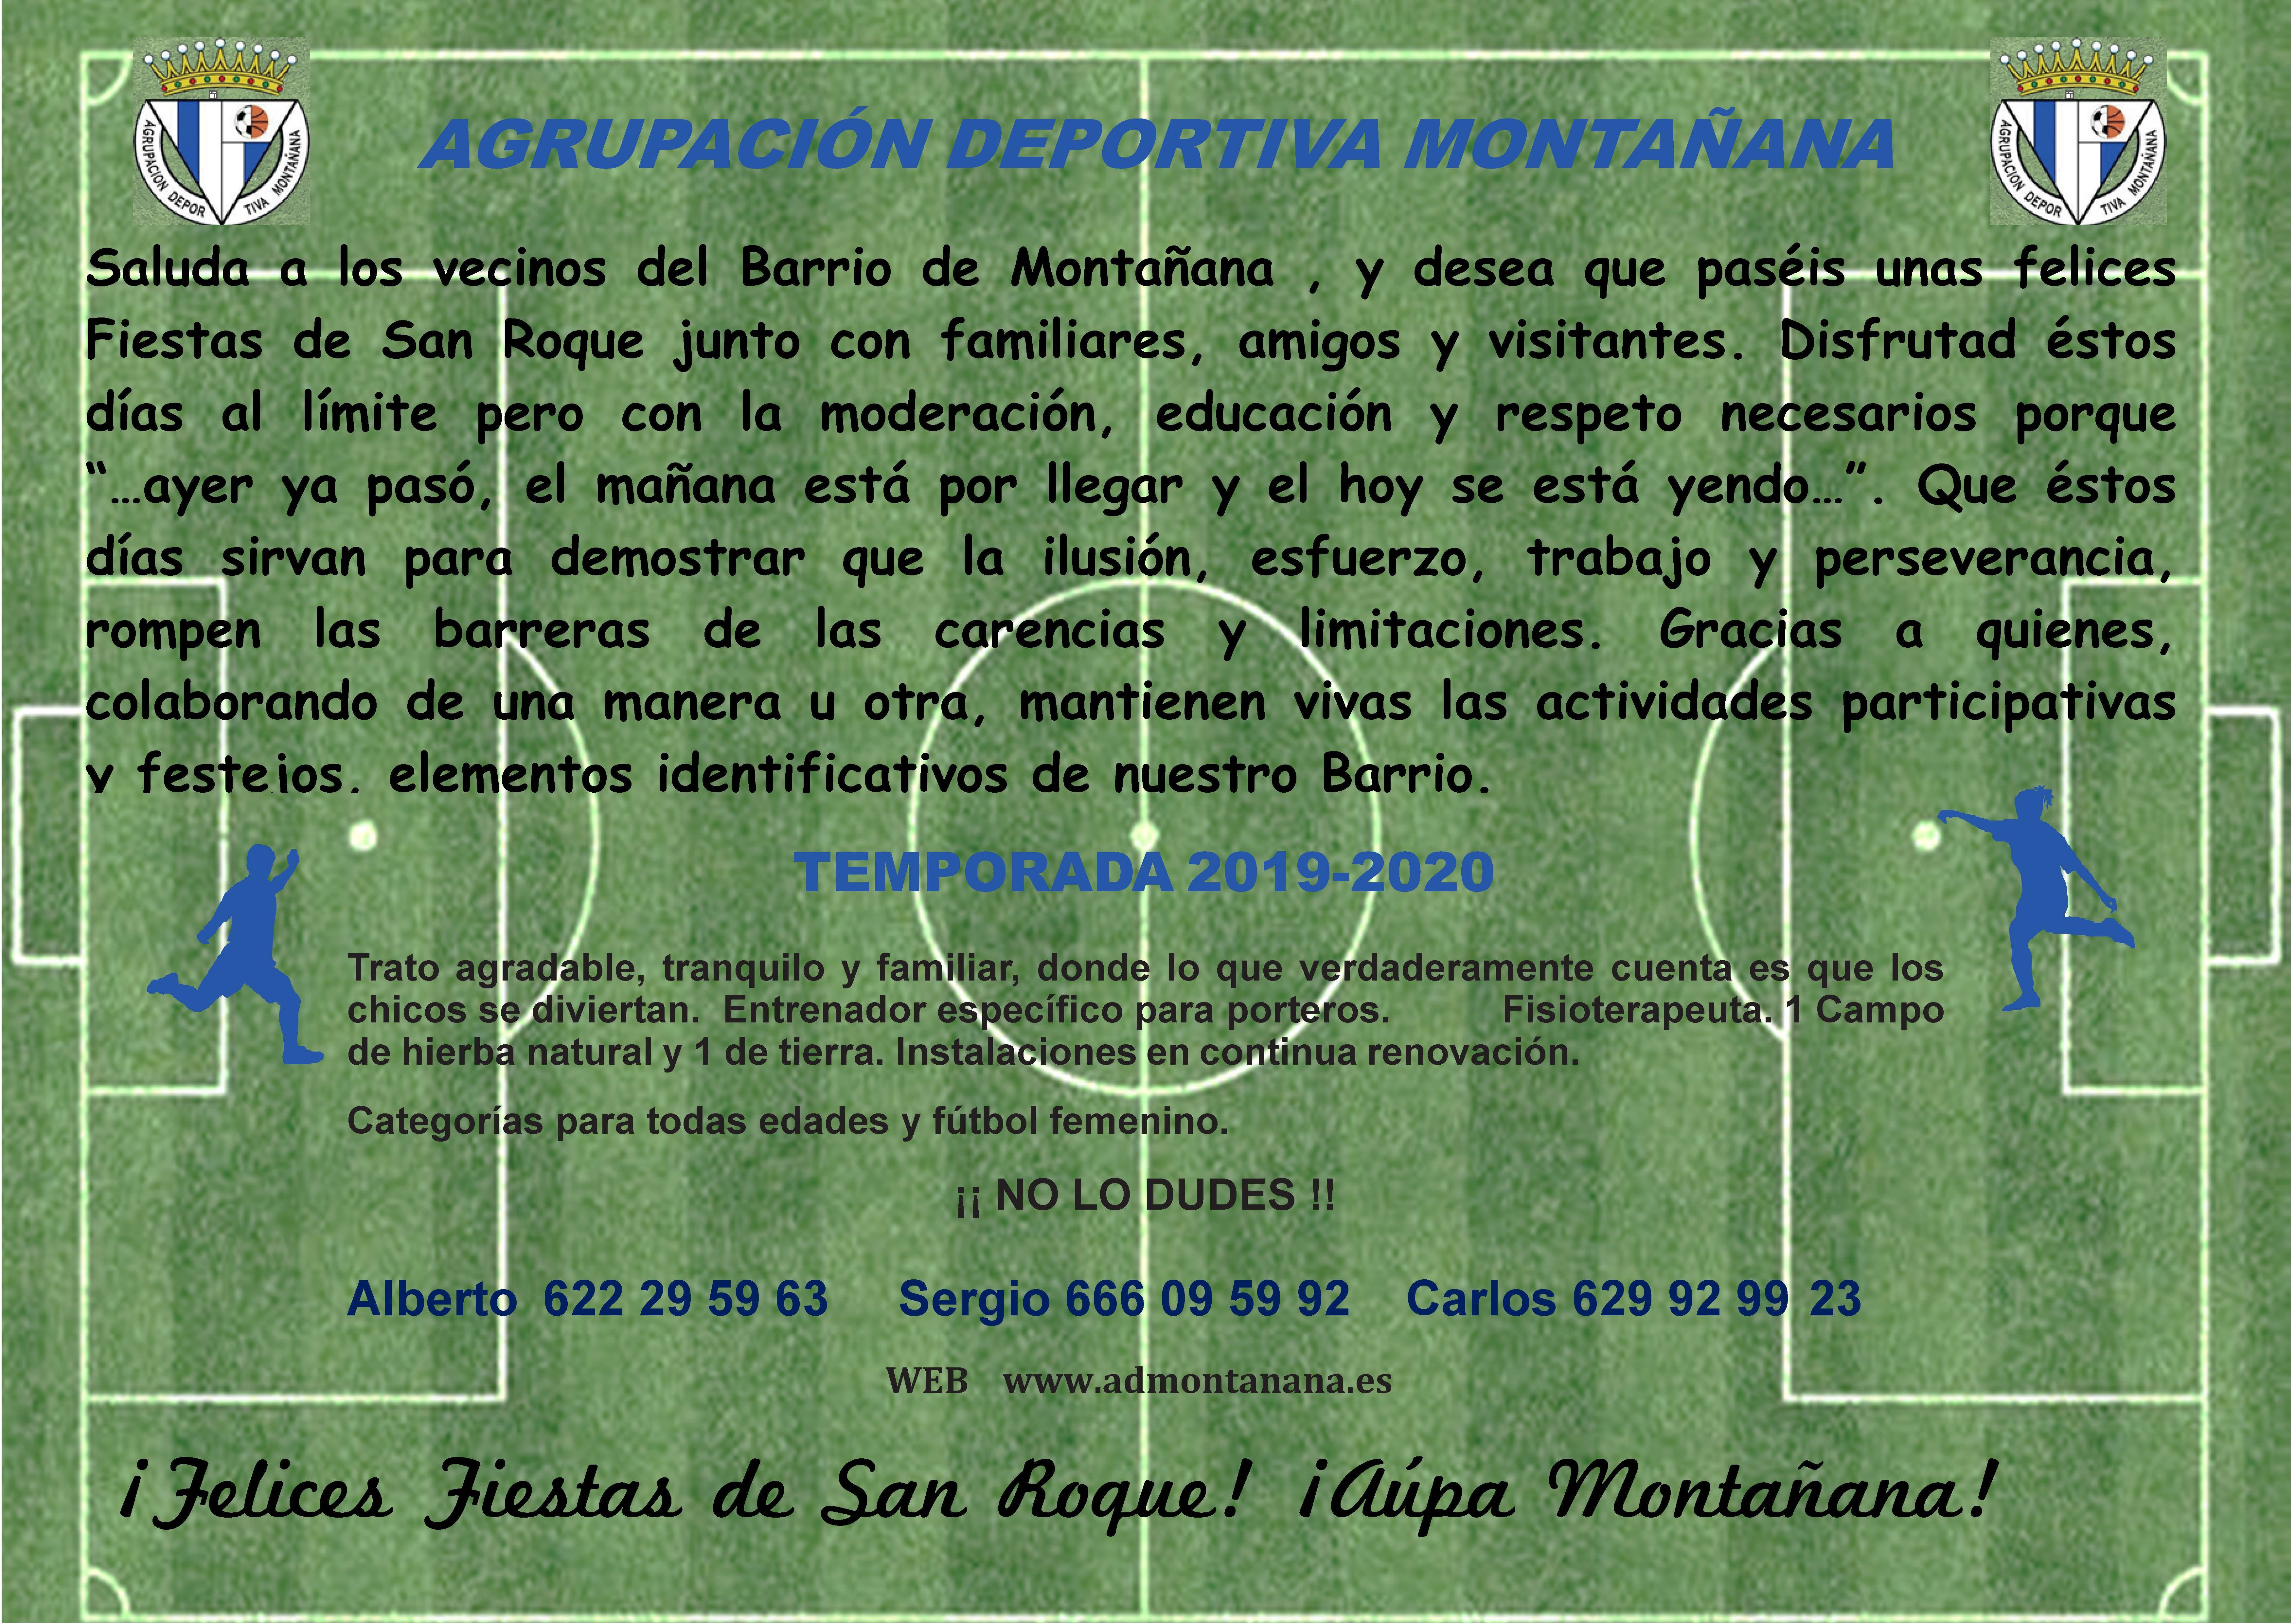 Equipo de fútbol Agrupación deportiva montañana